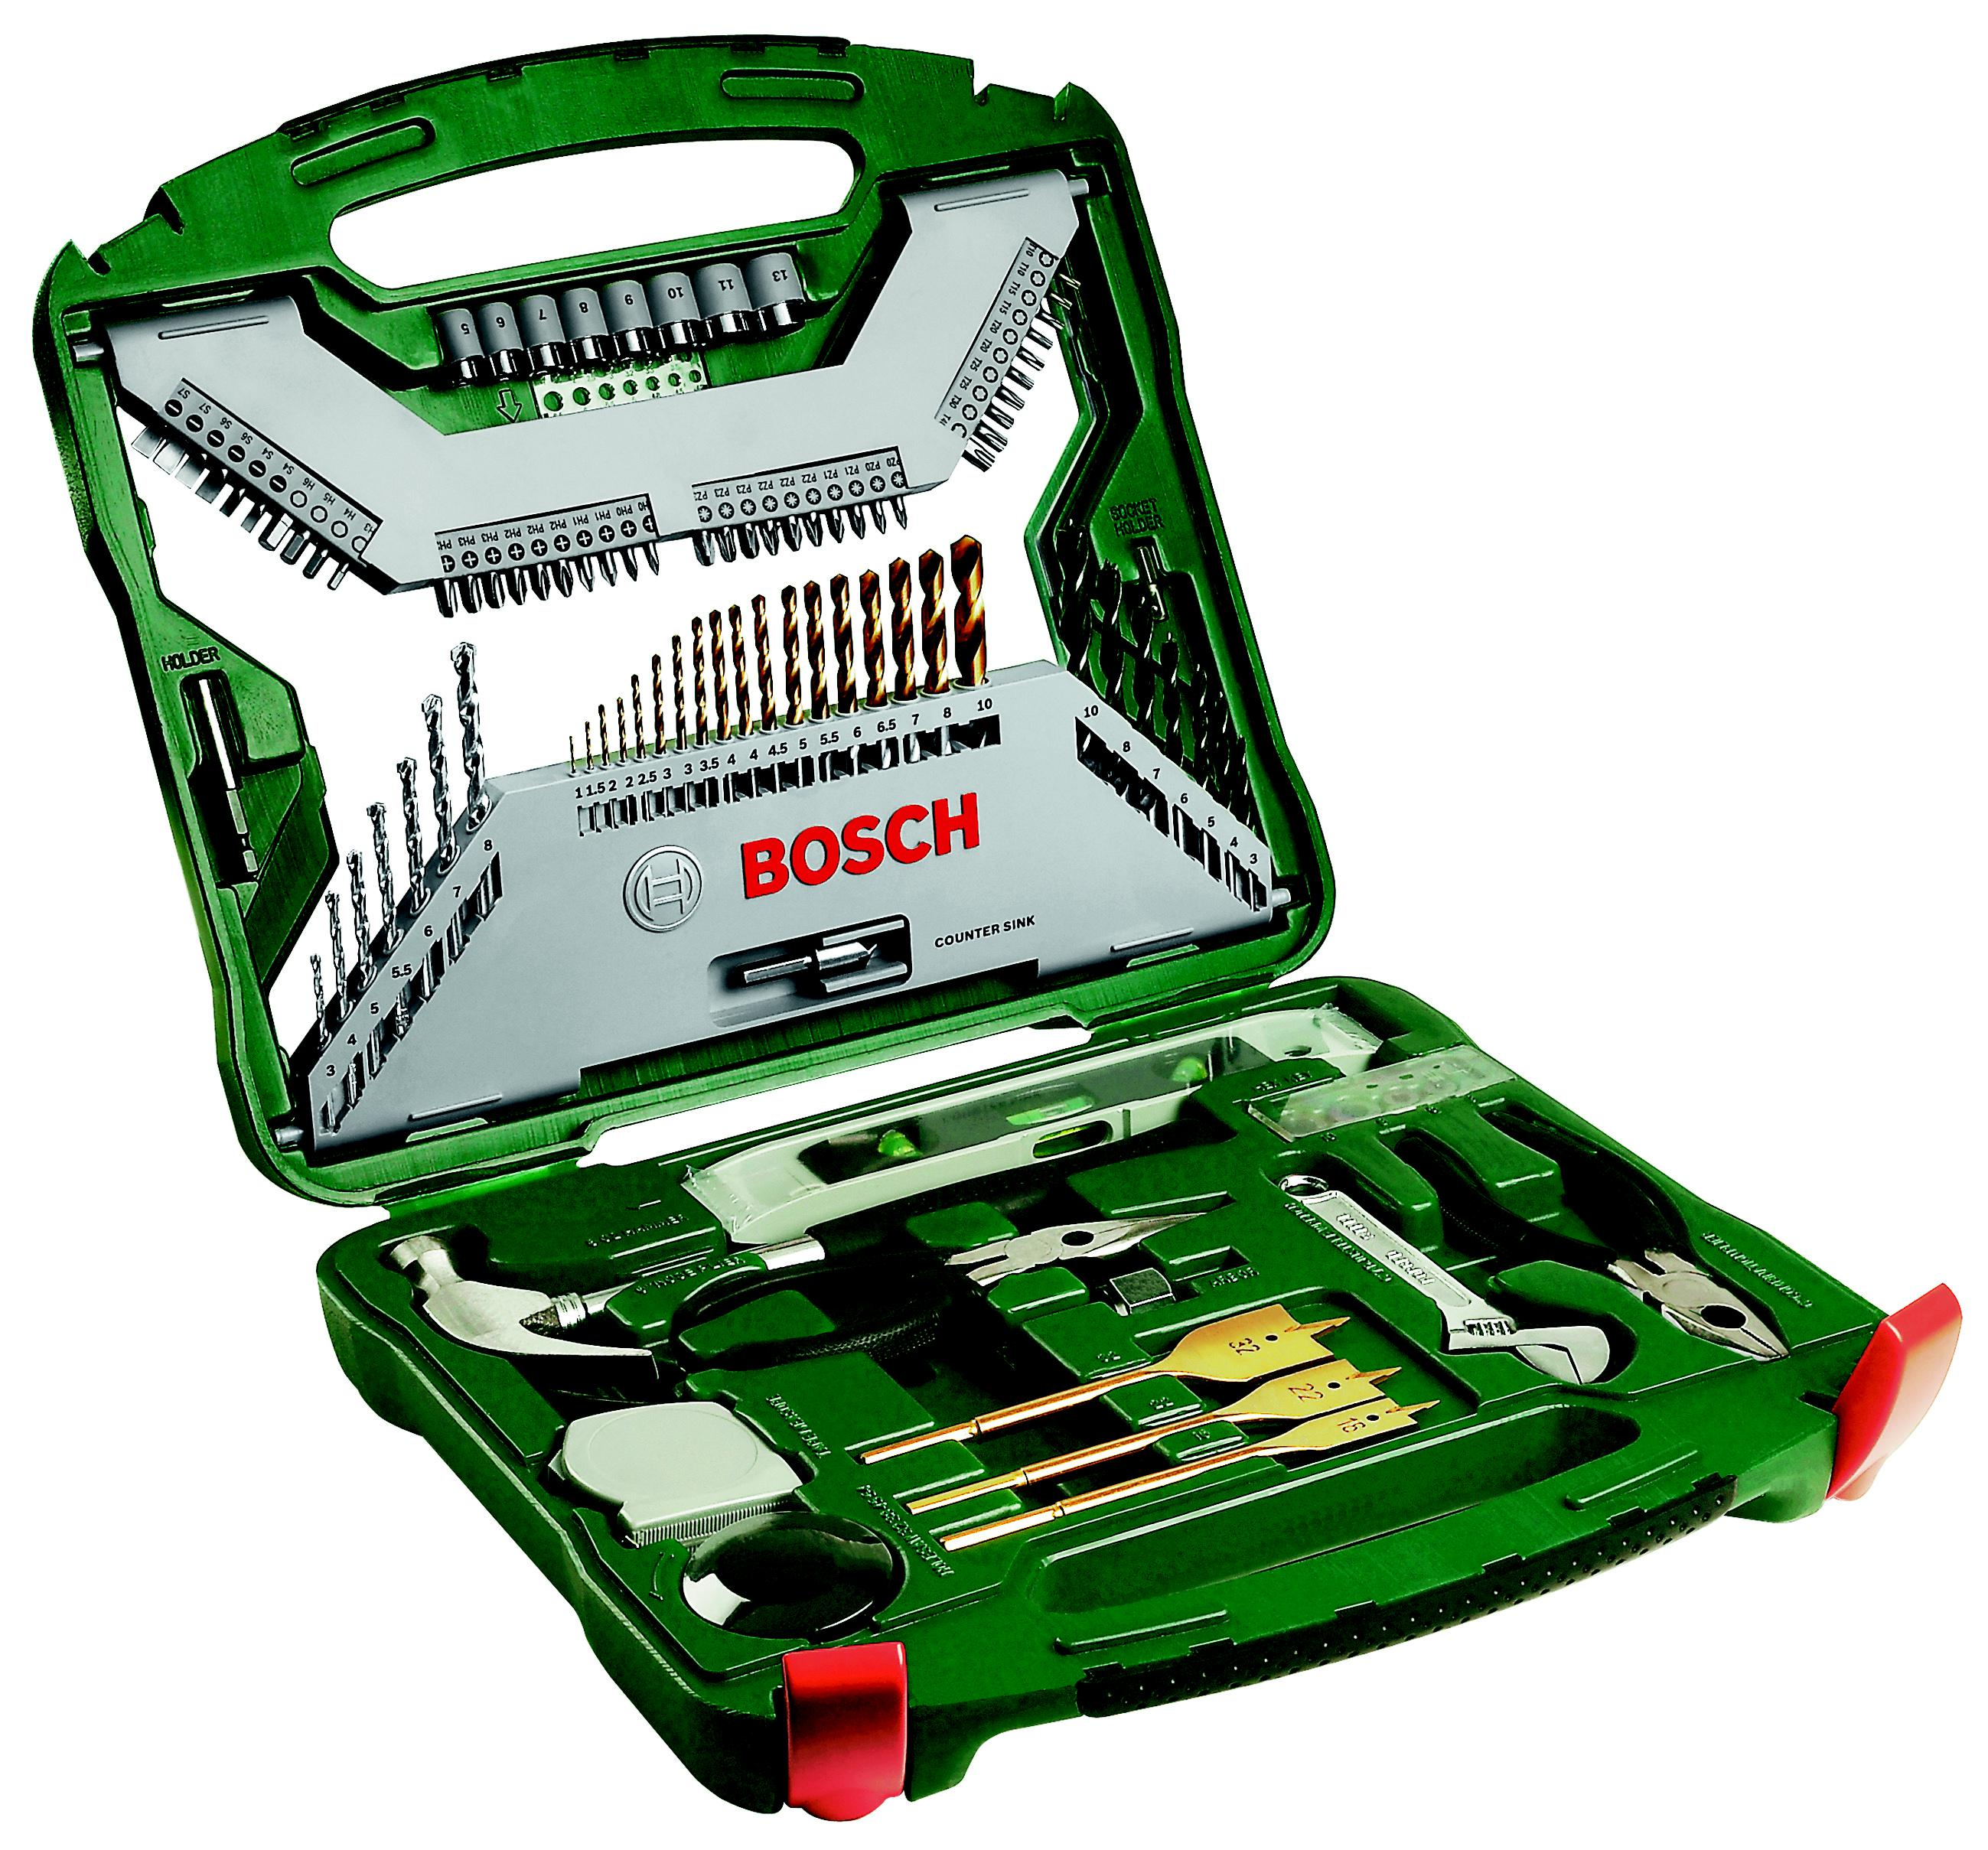 Набор инструментов Bosch X-line 103 titanium (2.607.019.331) набор бит и сверел bosch x line titanium 2607019329